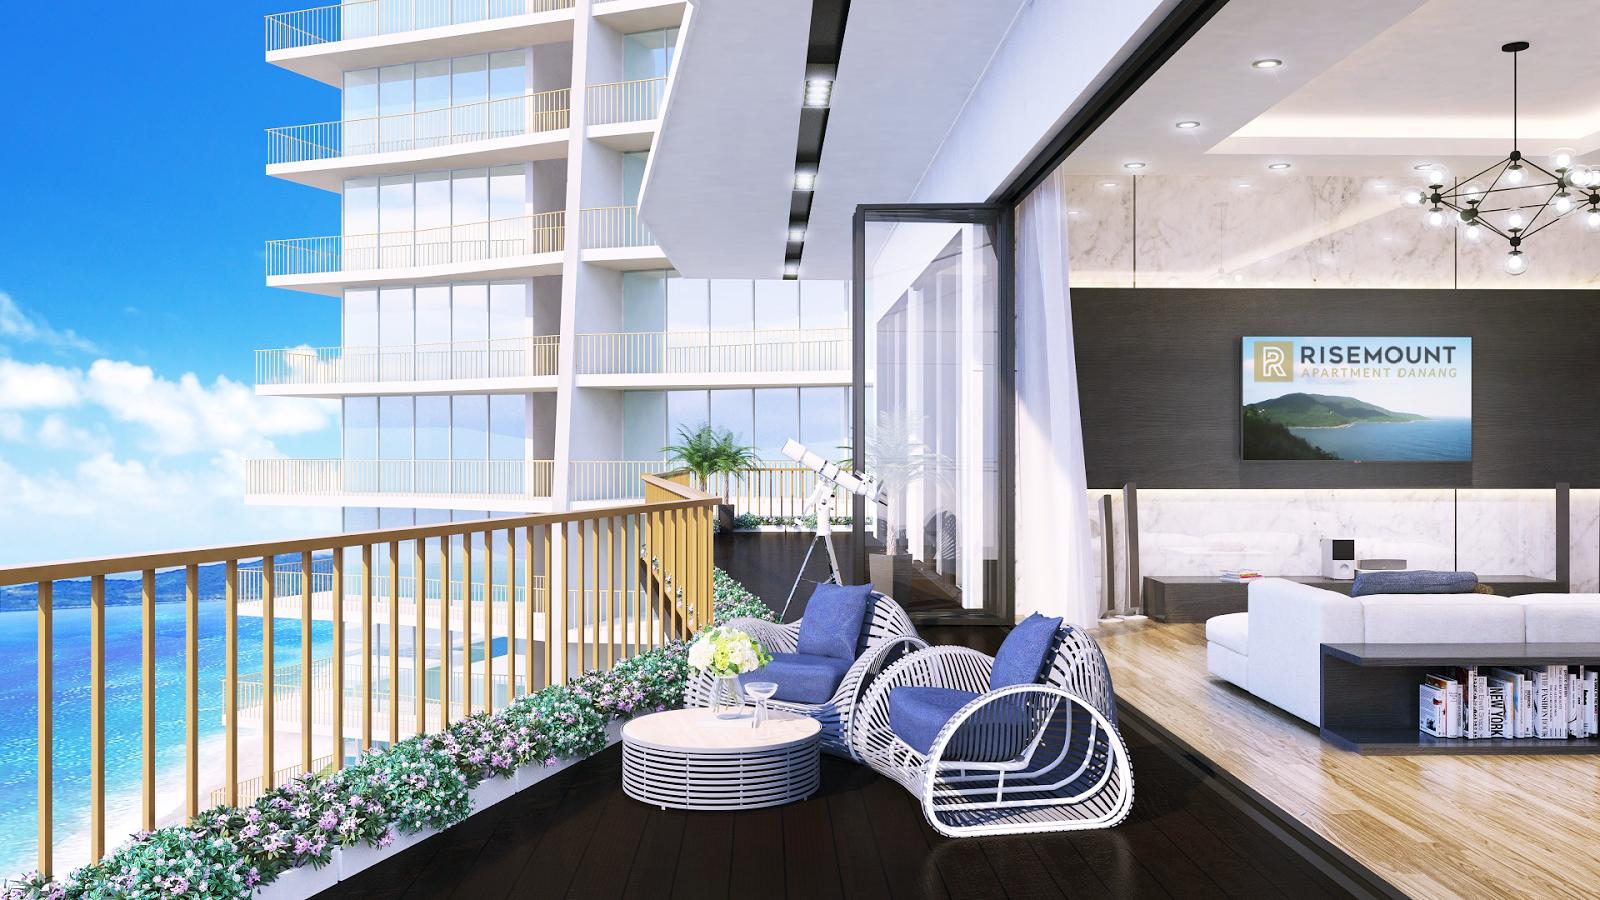 Tầm nhìn rộng mở bao quát thành phố tại Risemount Apartment